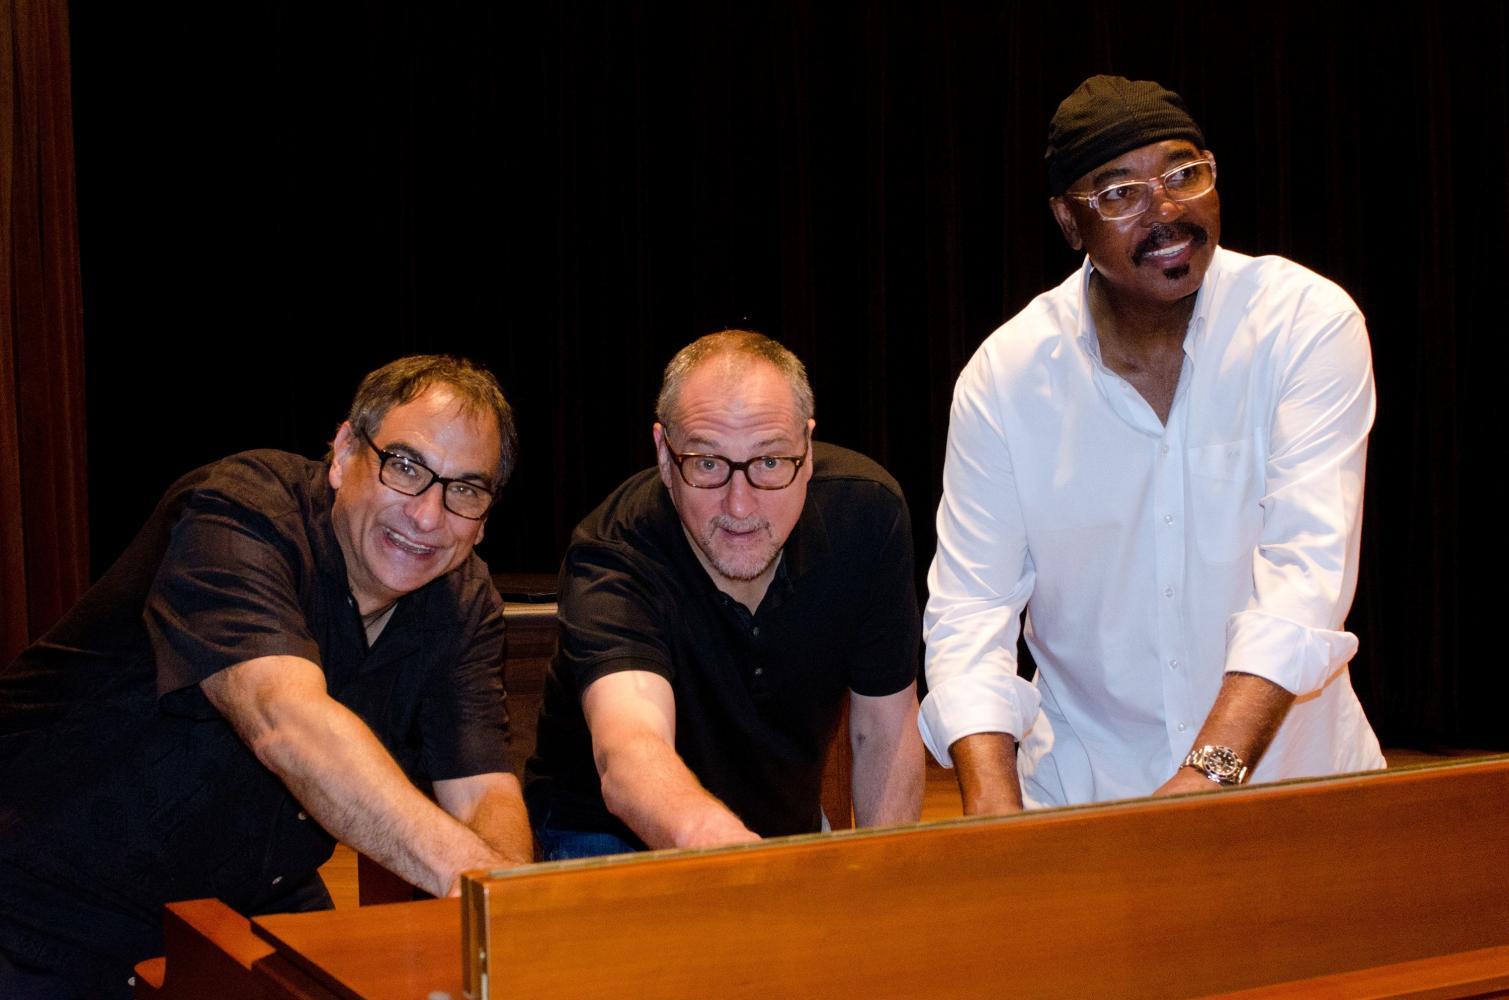 Tony Monaco, Chuck Loeb, and Harvey Mason